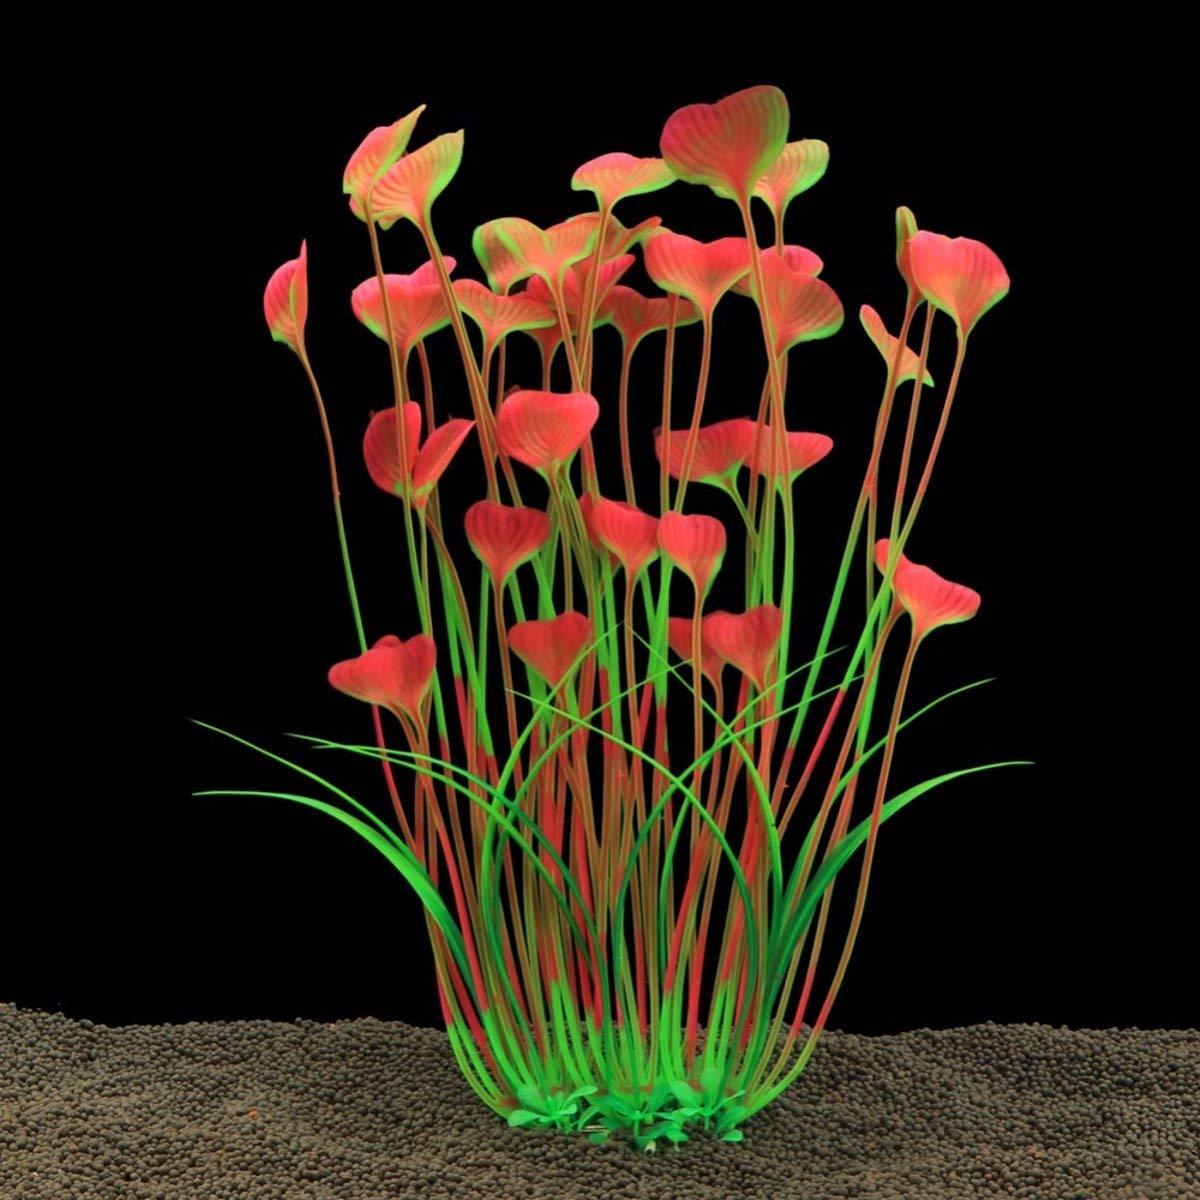 Tacoli Aquarium Plants Artificial-1 Pcs Fish Tank Aquarium Decoration Artificial Simulation Aquatic Plant Grass Random Color